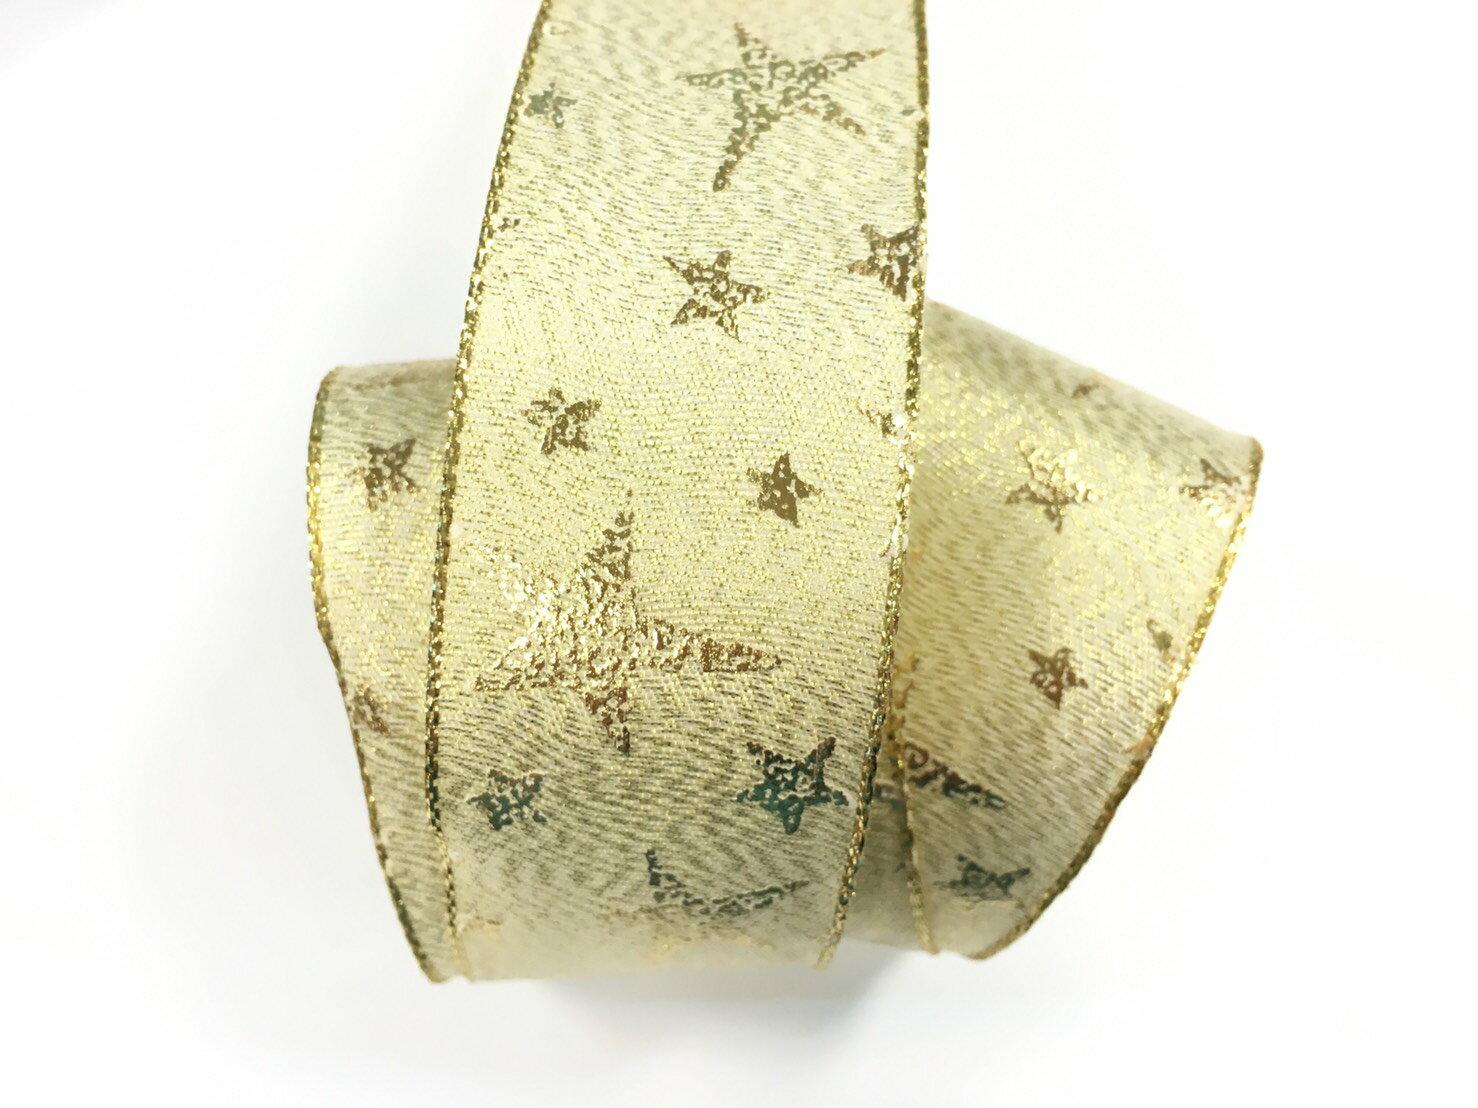 聖誕燙金銀星星+鐵絲緞帶 38mm 3碼裝 (2色) 0